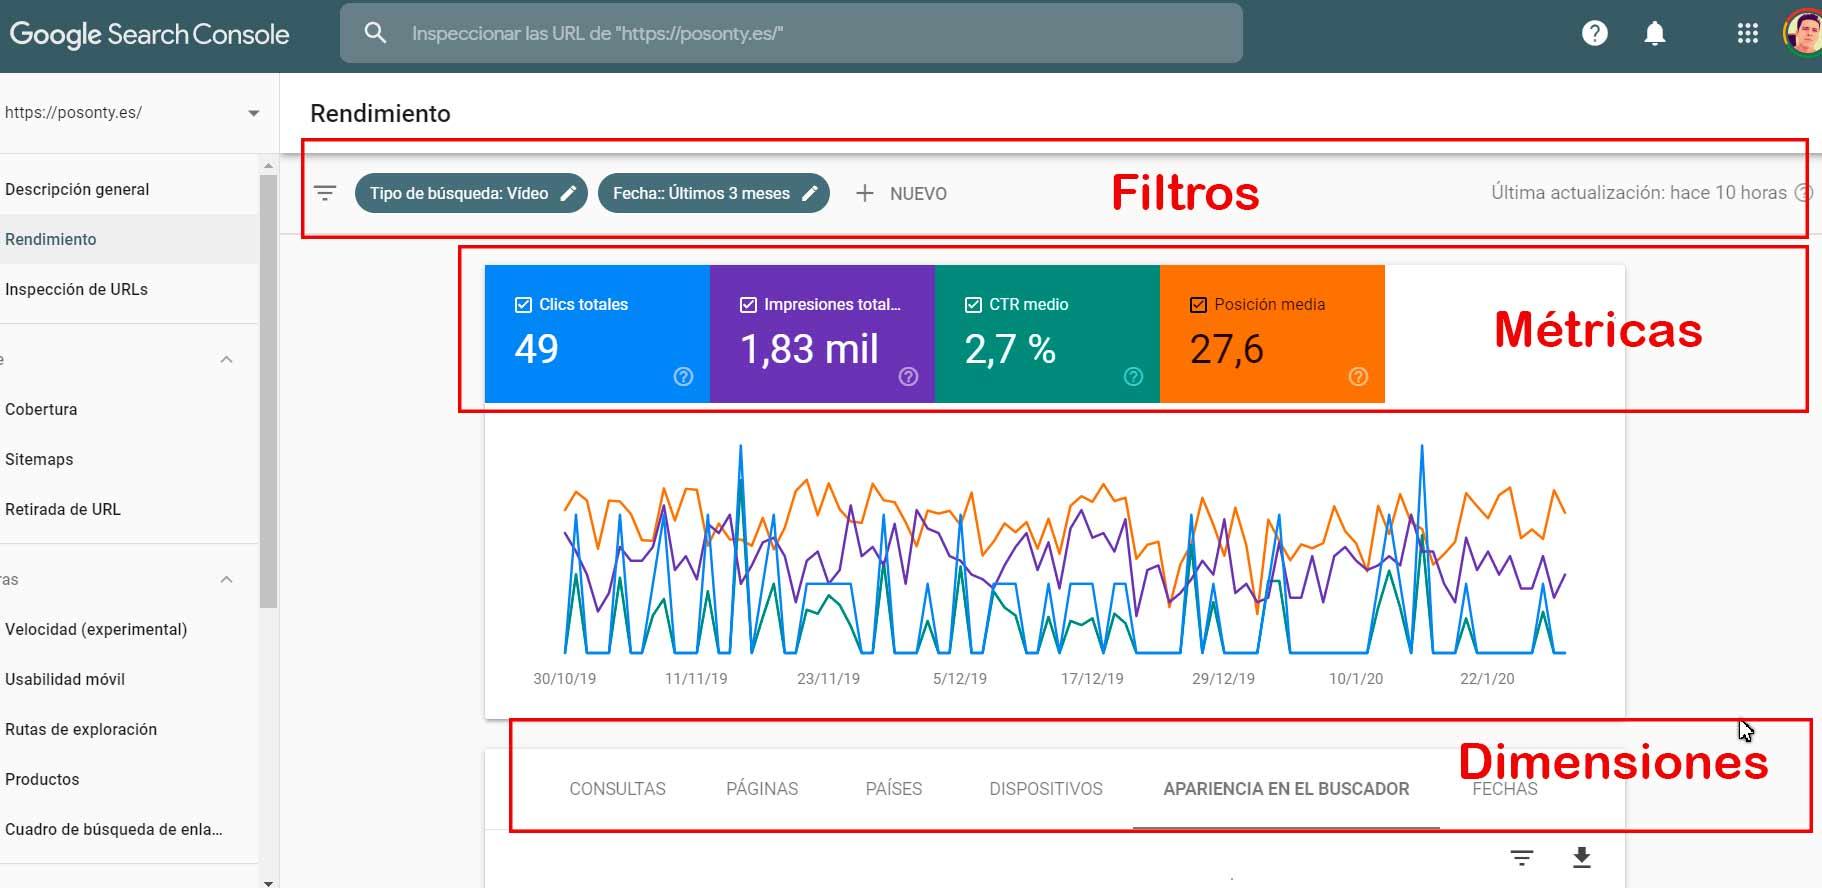 filtros métricas y dimensiones google search console